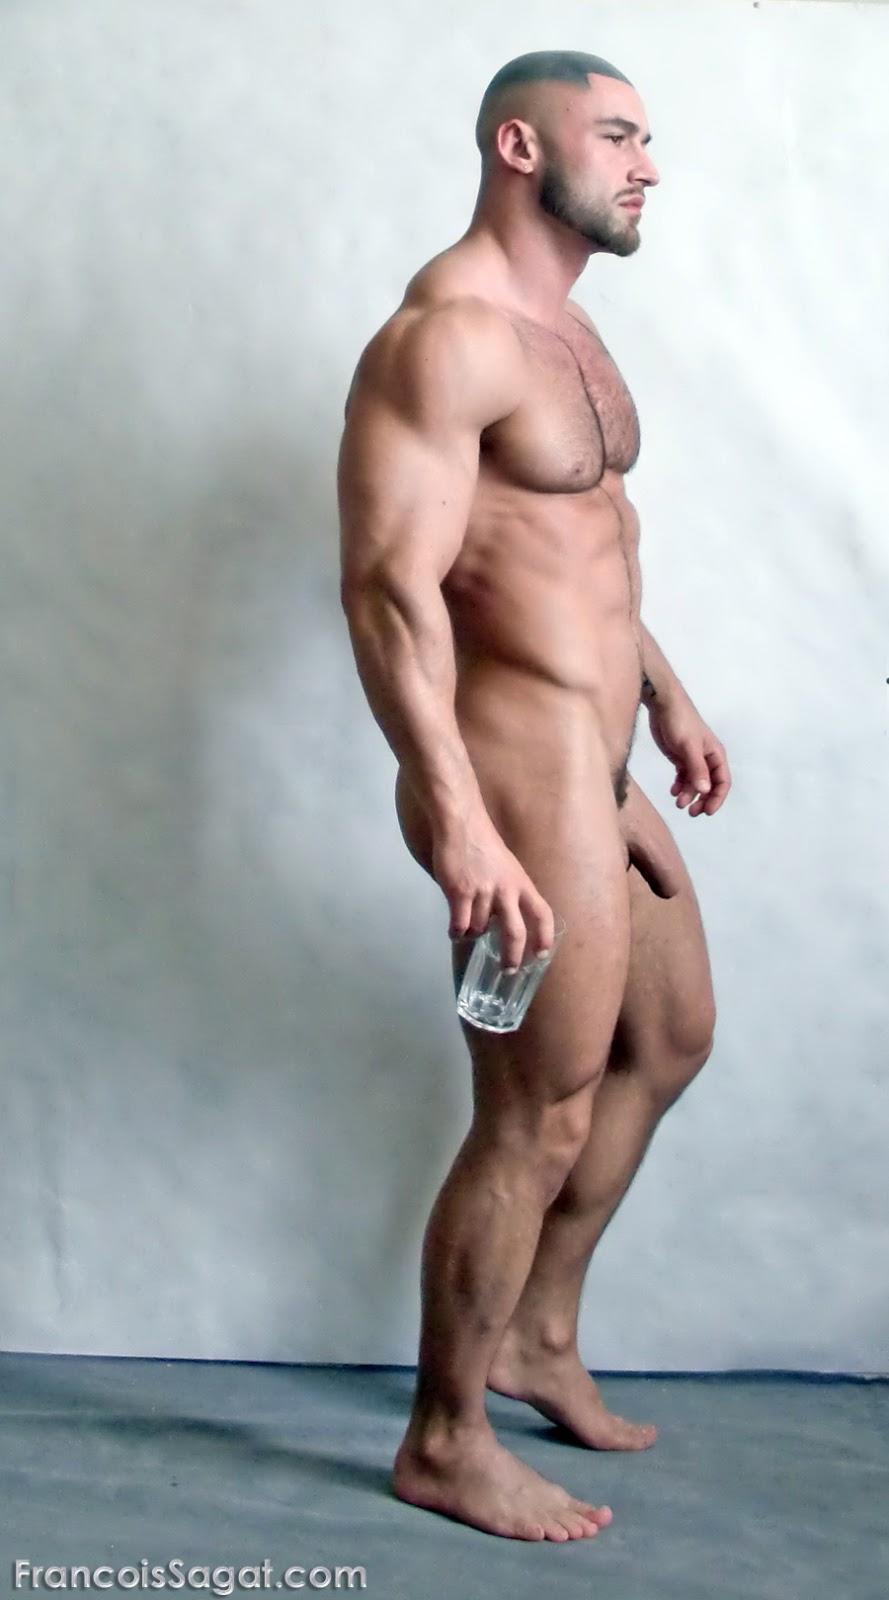 francois sagat naked